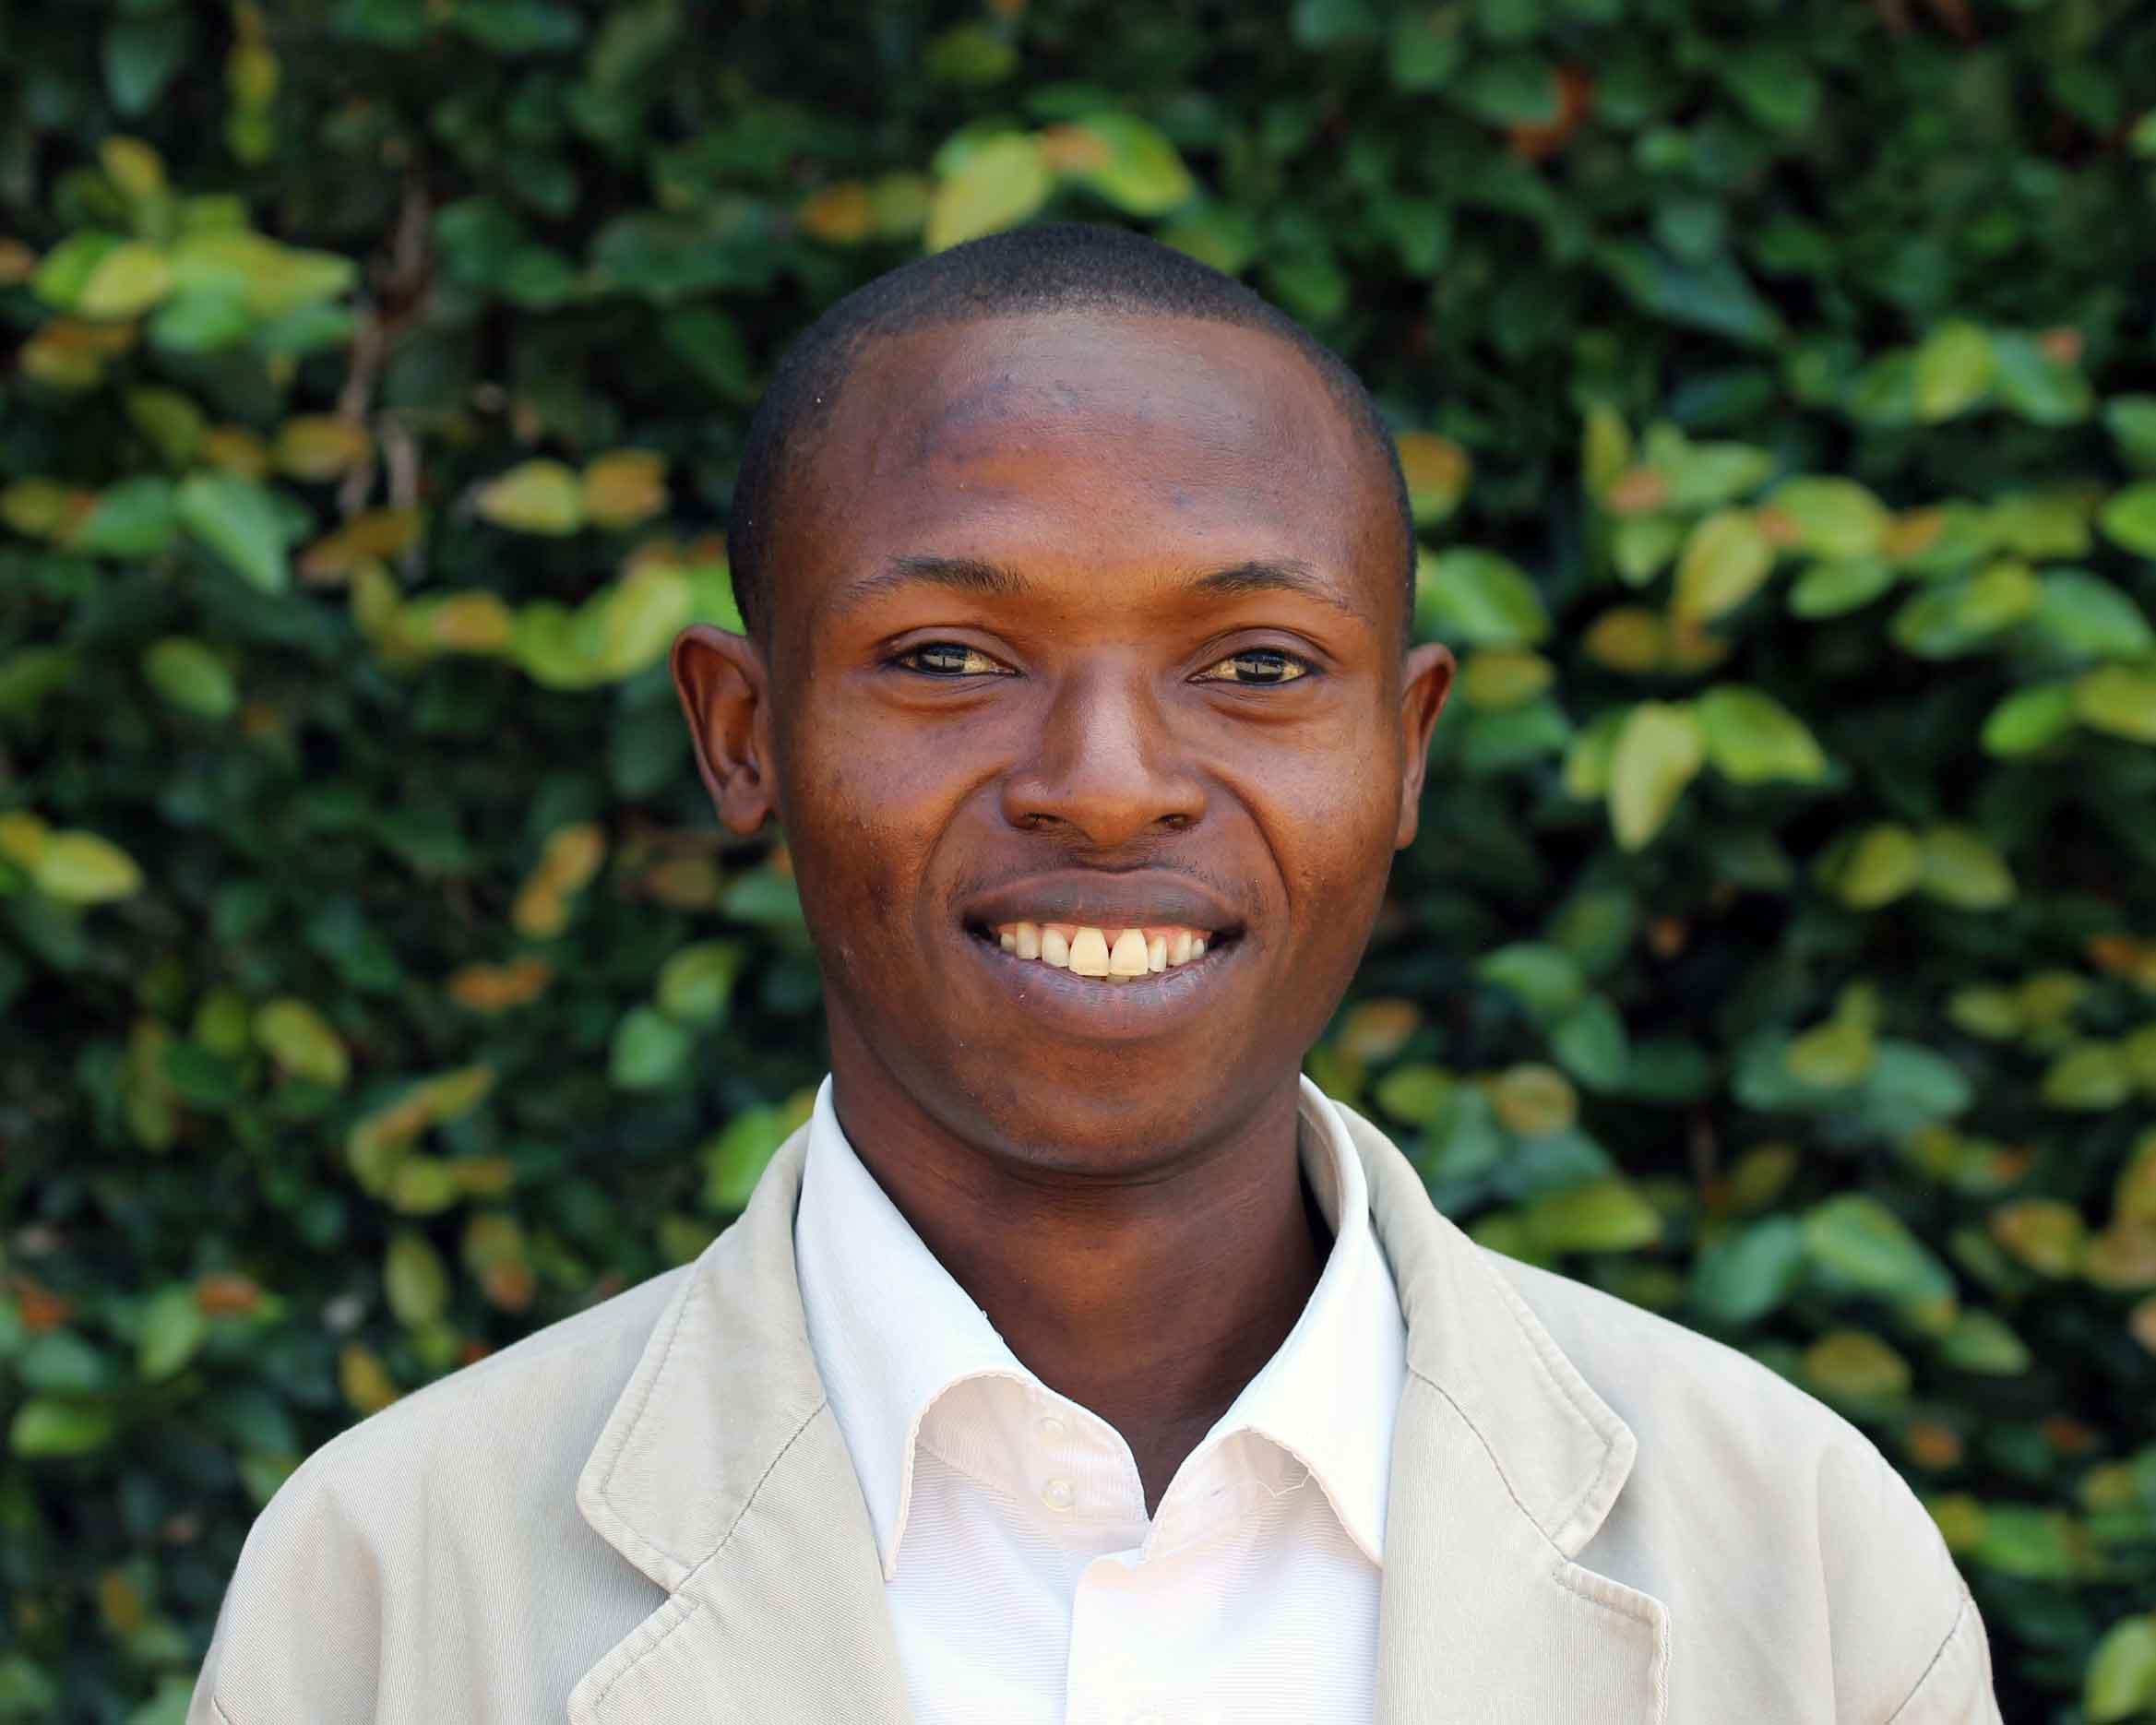 Pierre Nduhirabandi